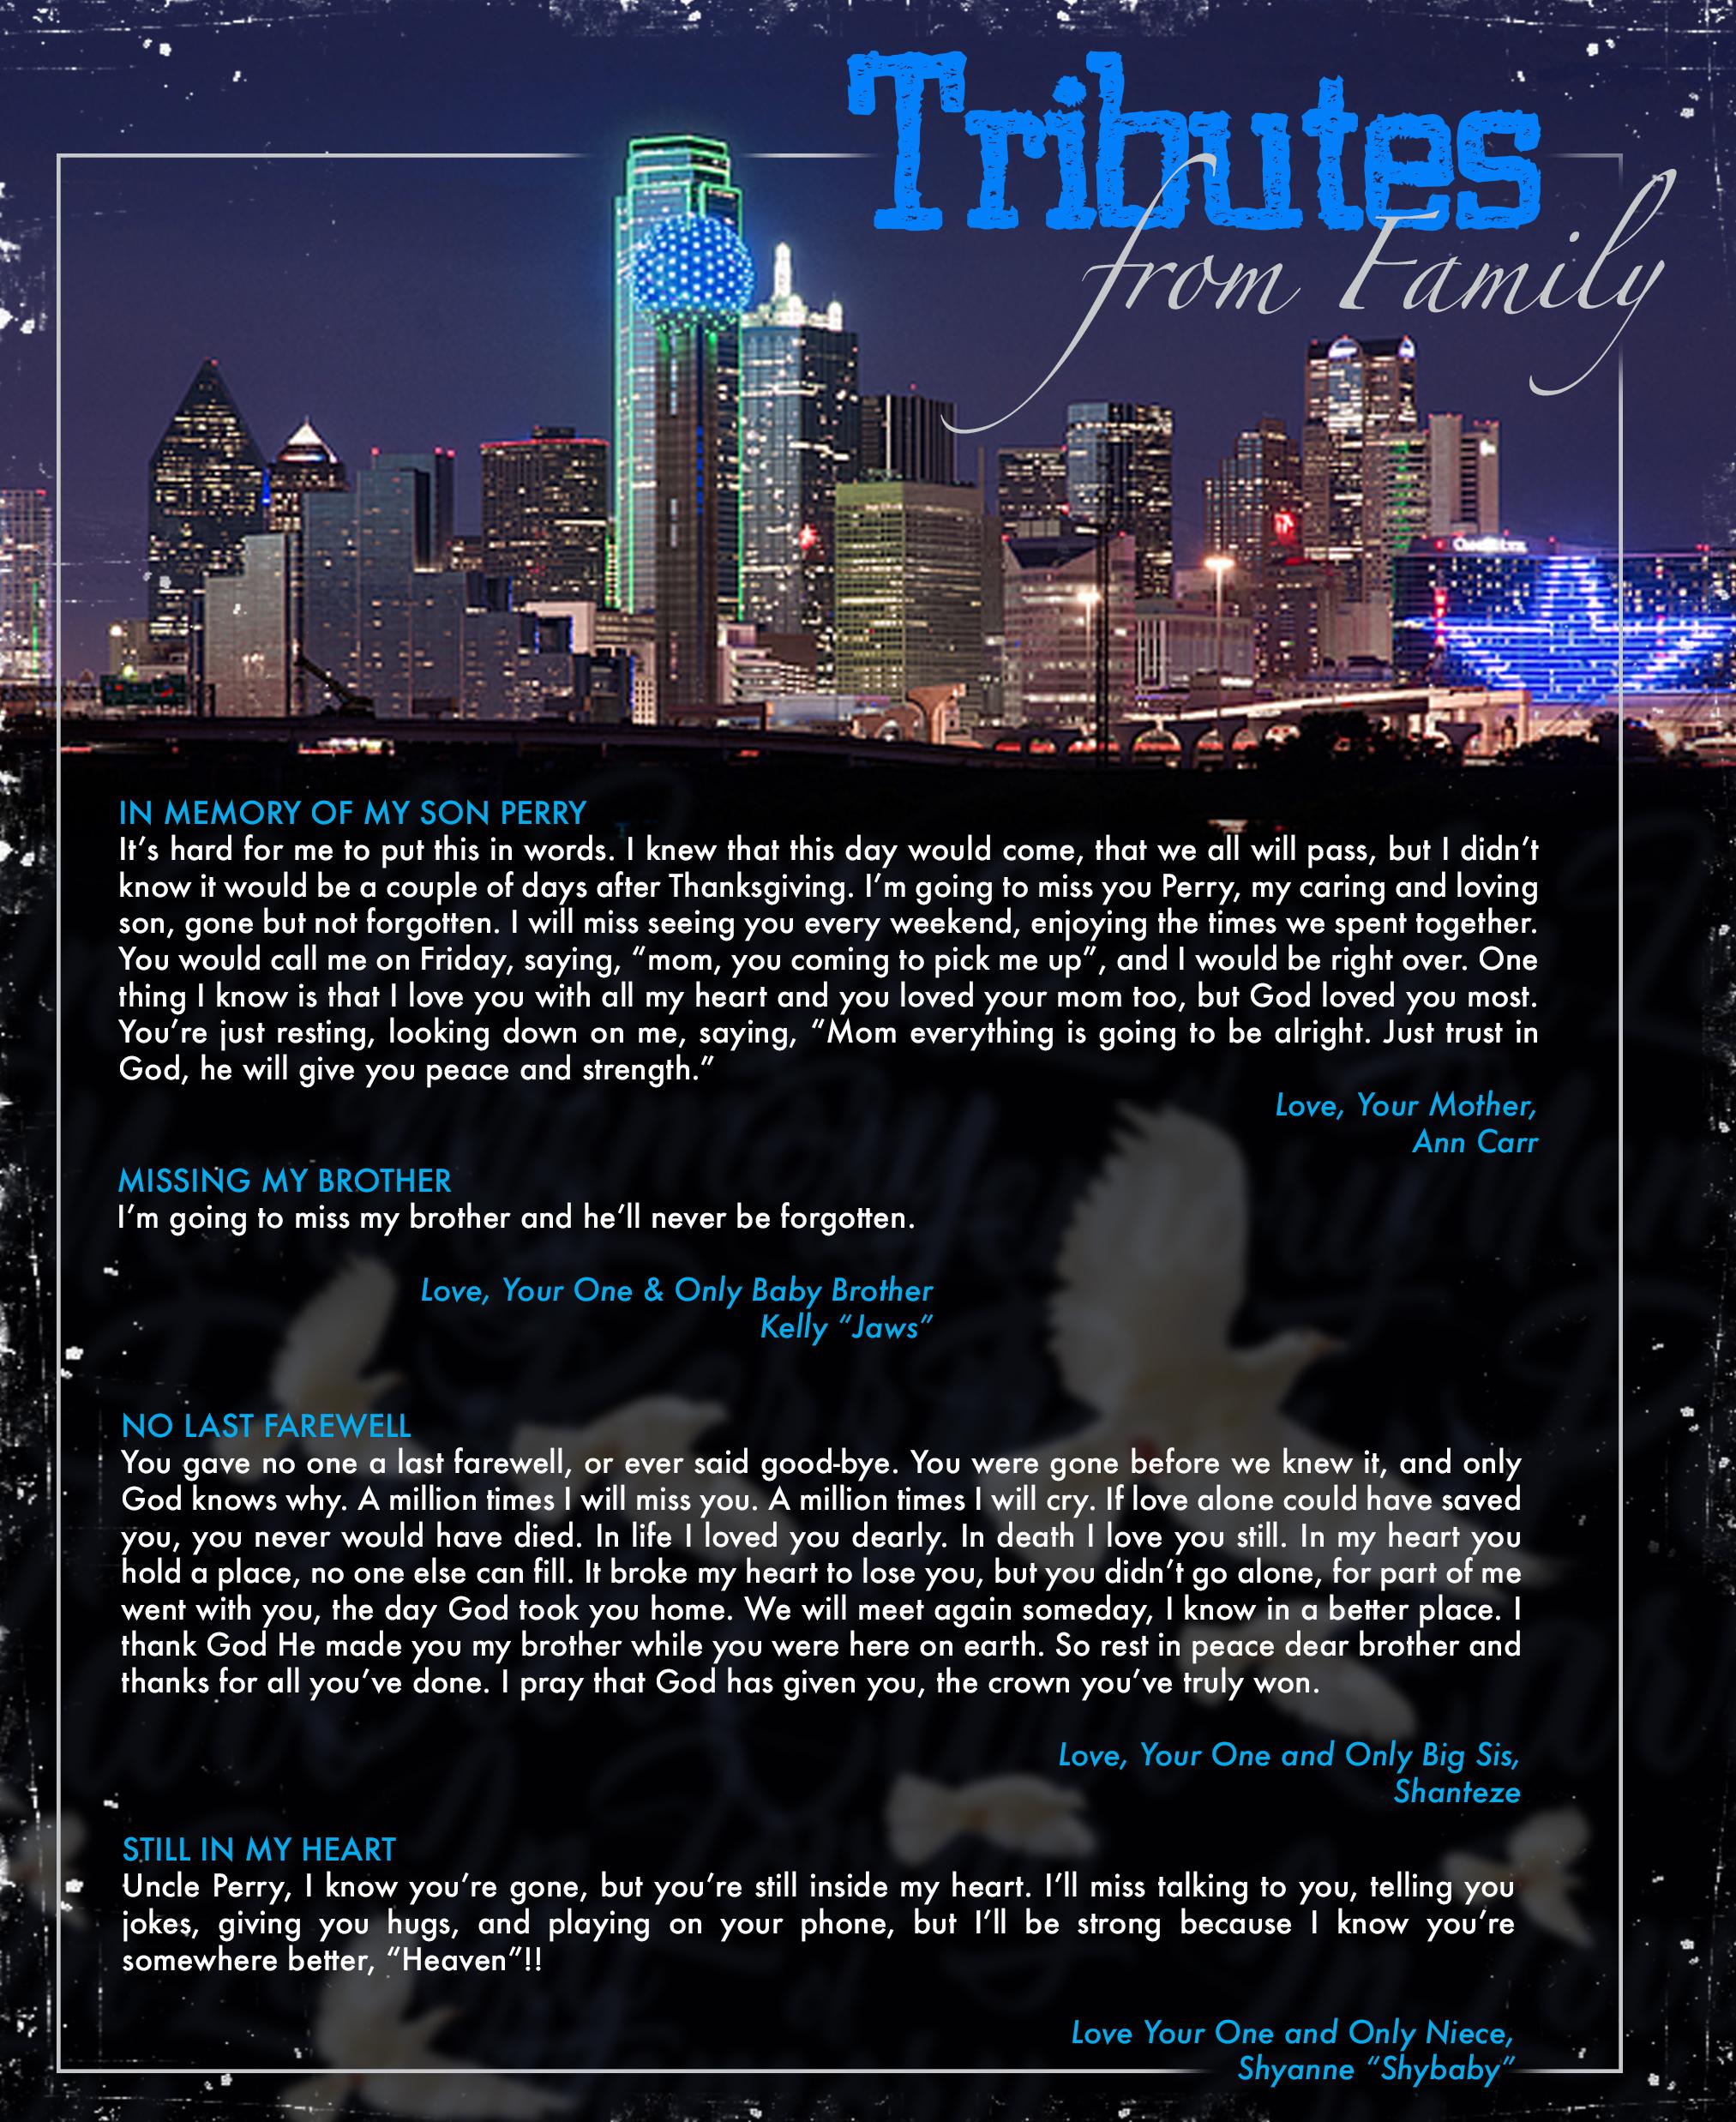 pg.7family tributes.jpg